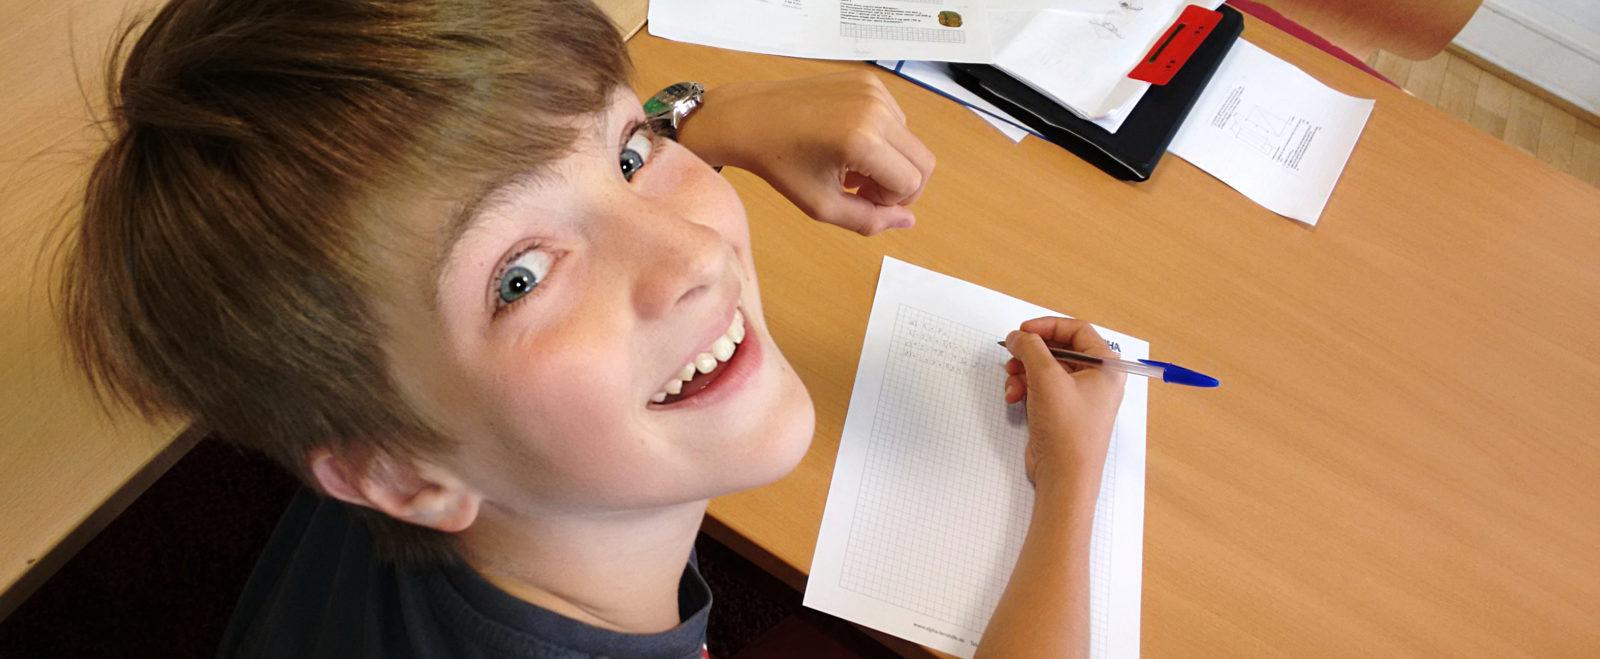 Ferienunterricht - Lernen mit Spaß und ohne Druck